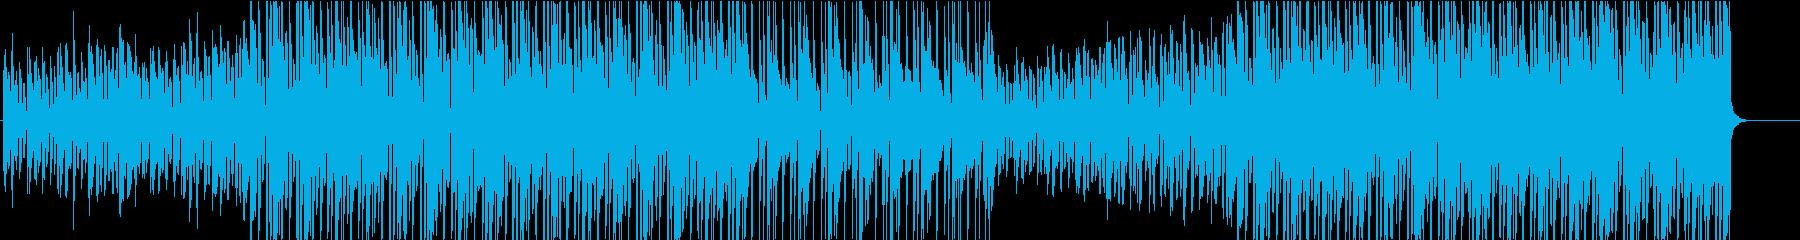 アパレル系CM向けポップスの再生済みの波形